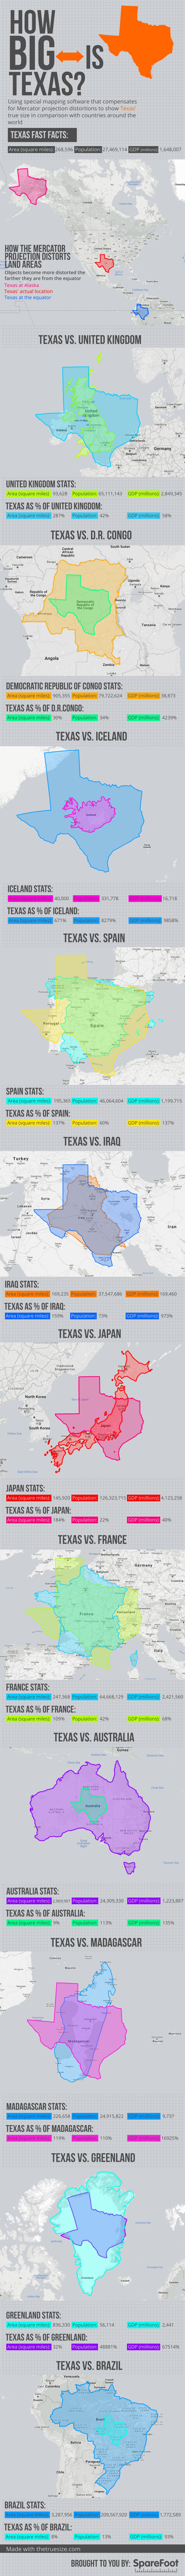 How Big is Texas?